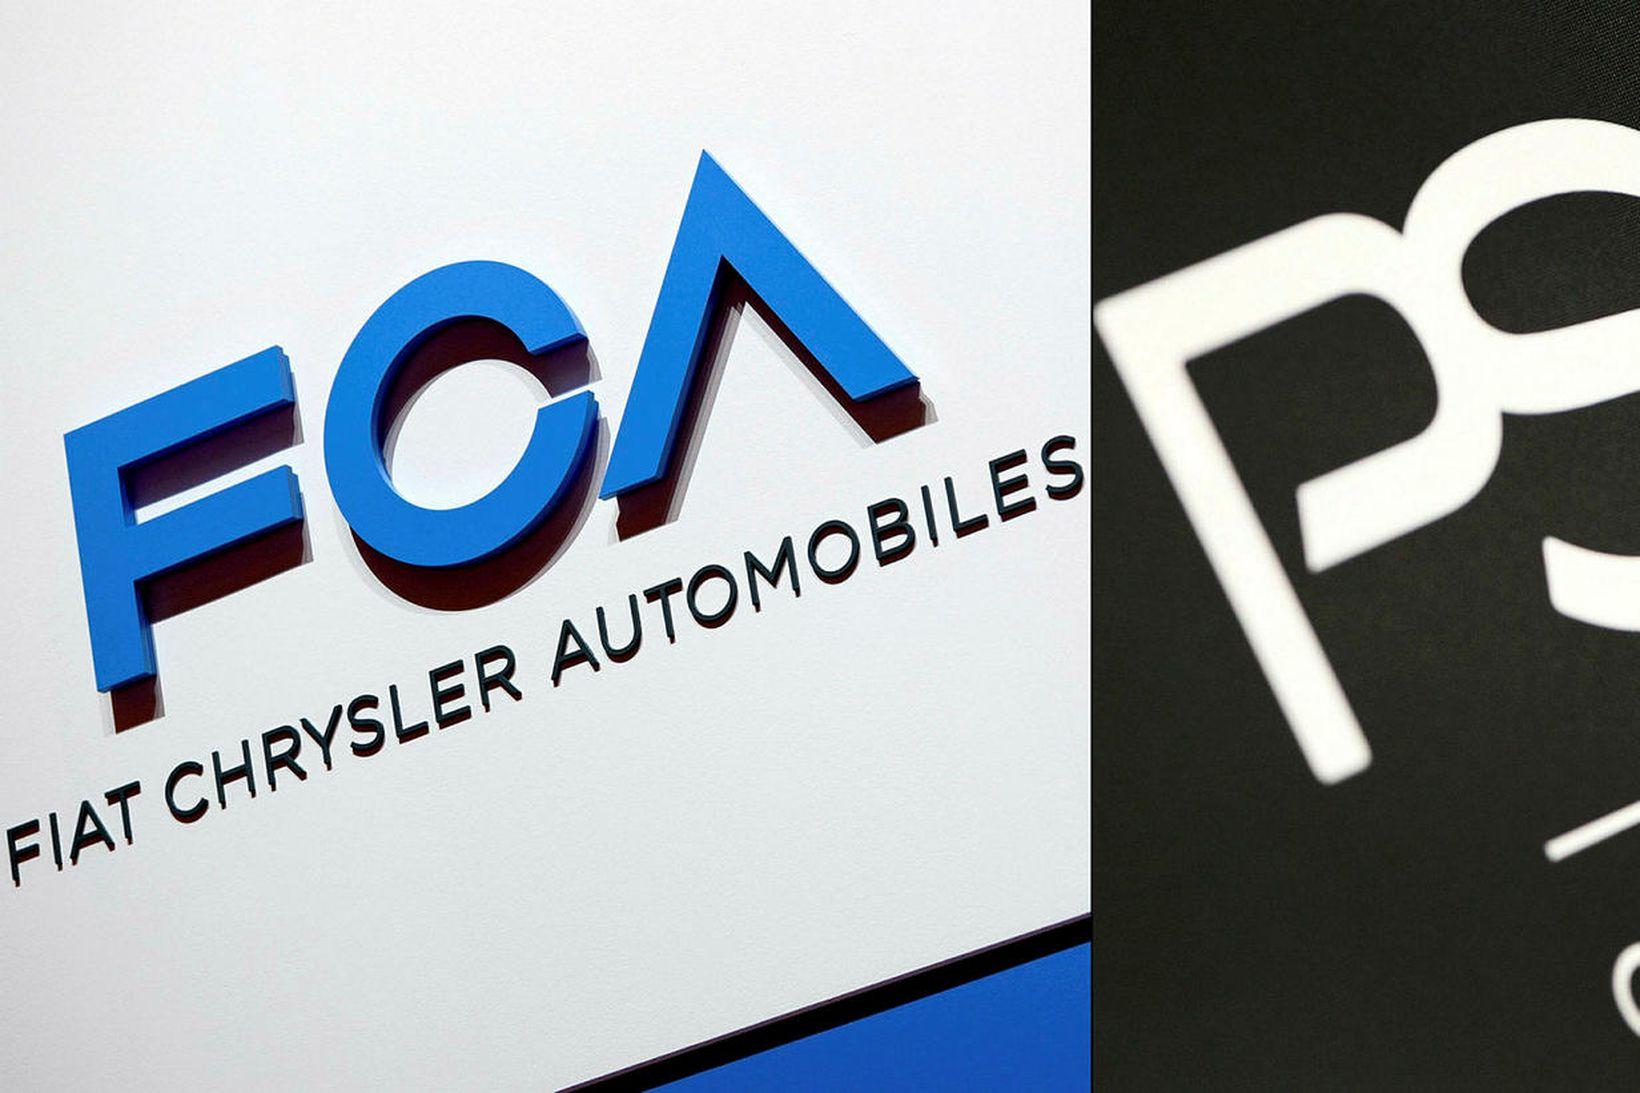 Fiat Chrysler (FCA) og Peugeot Citroen (PSA) spila á samlegðaráhrif …